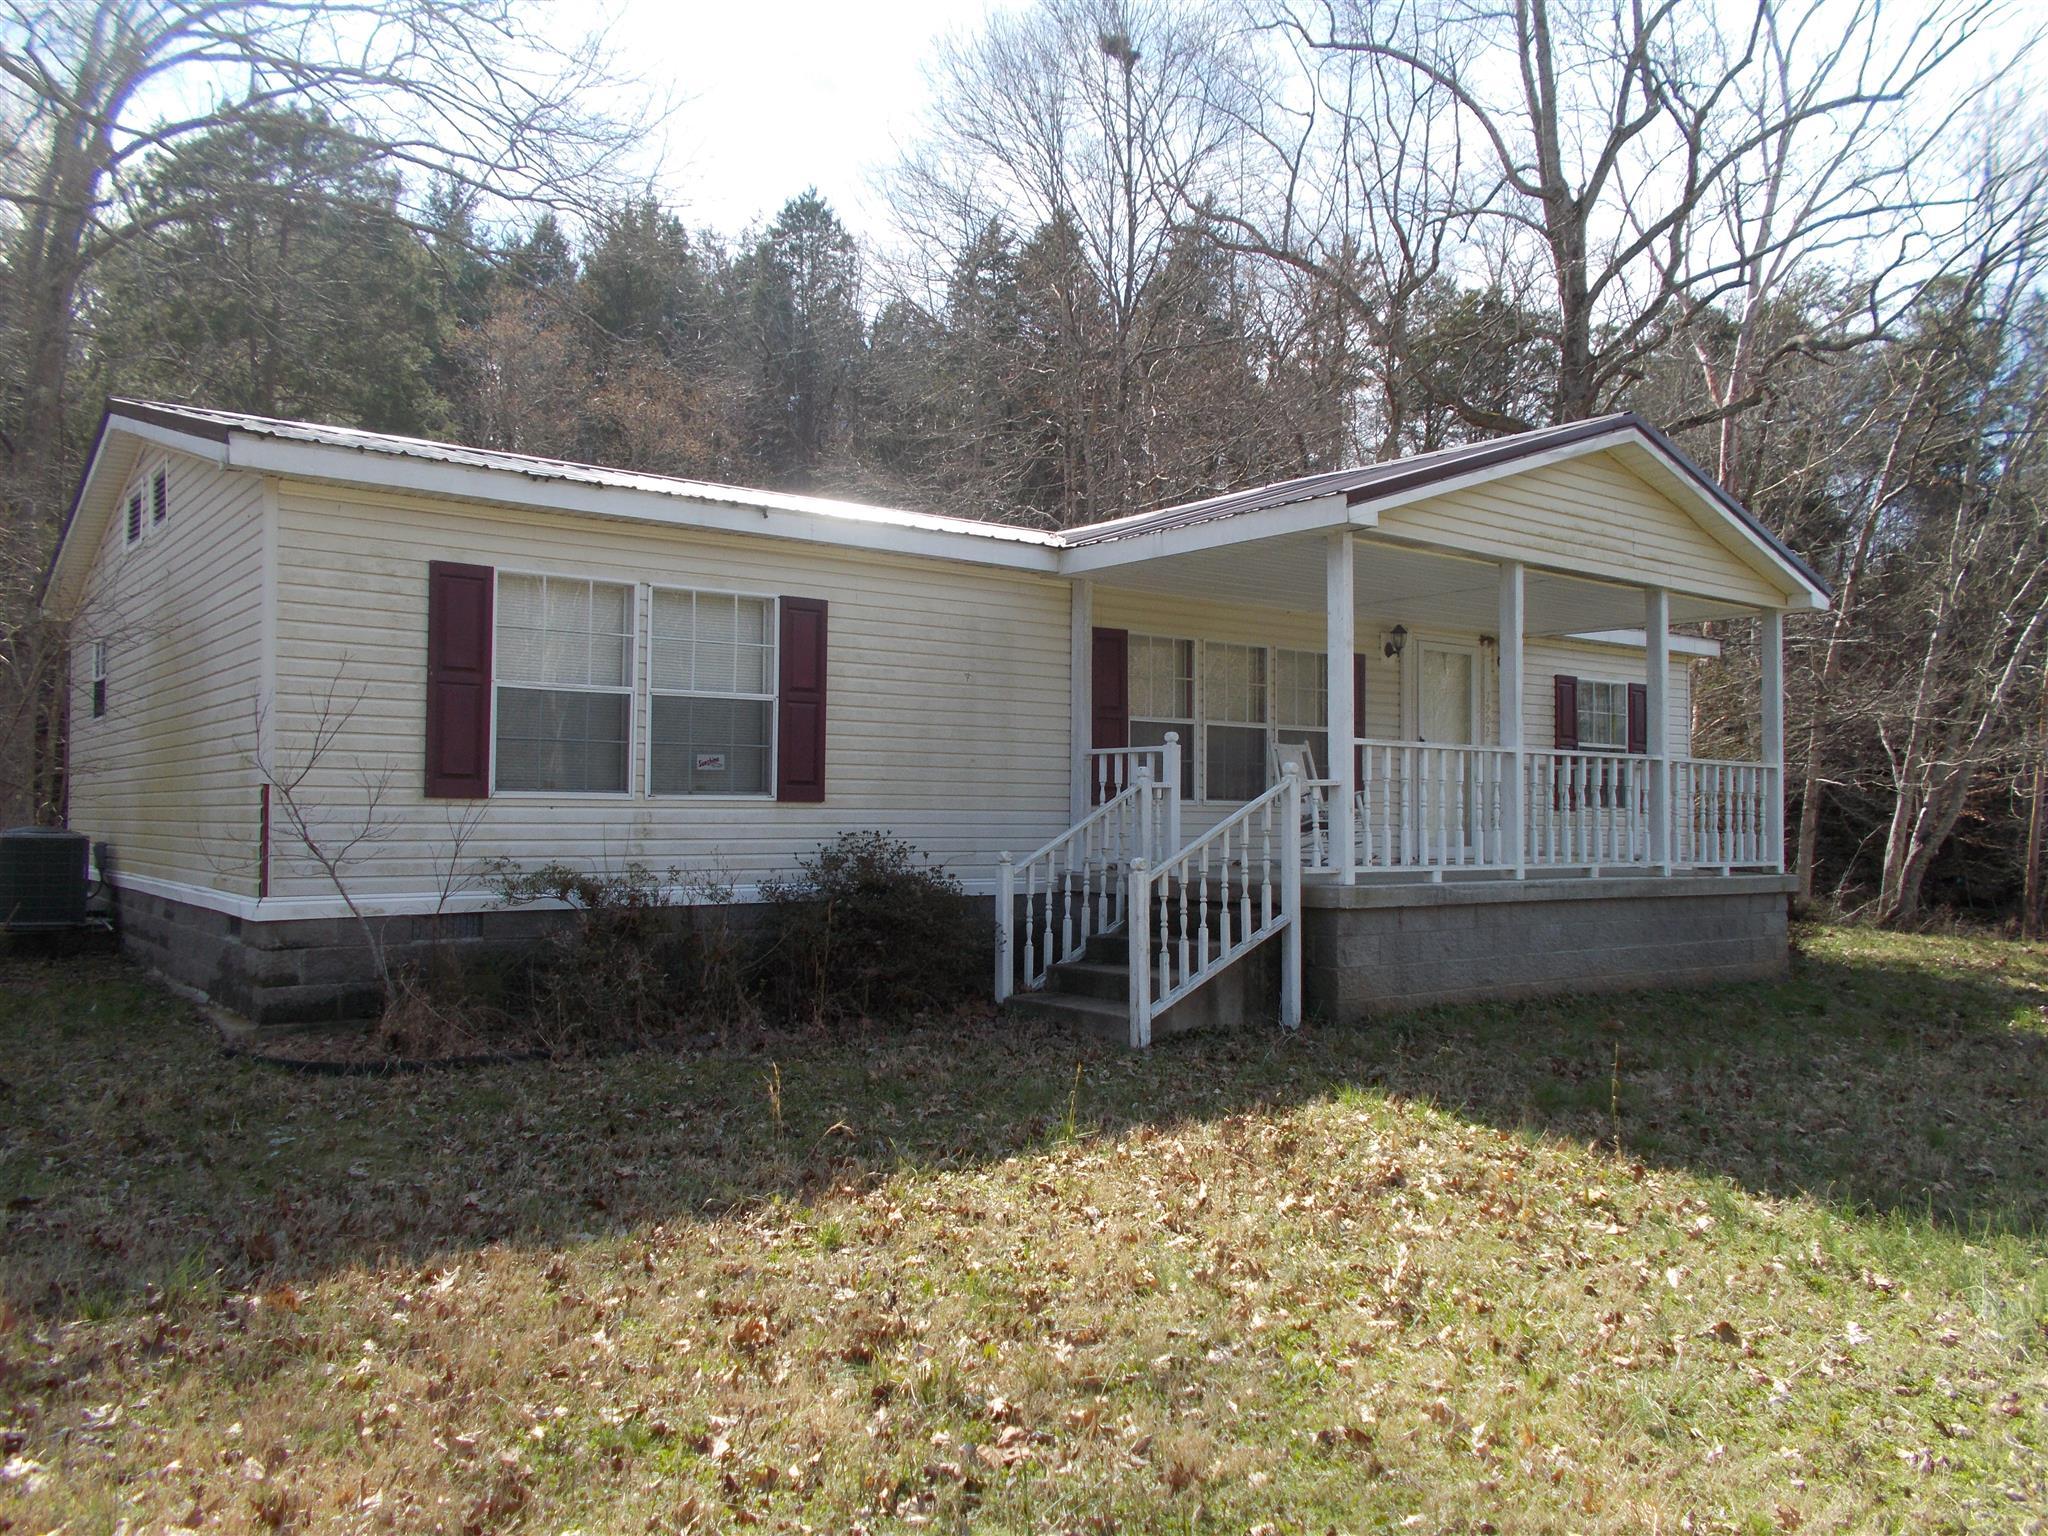 7902 Highway 412 E, Linden, TN 37096 - Linden, TN real estate listing